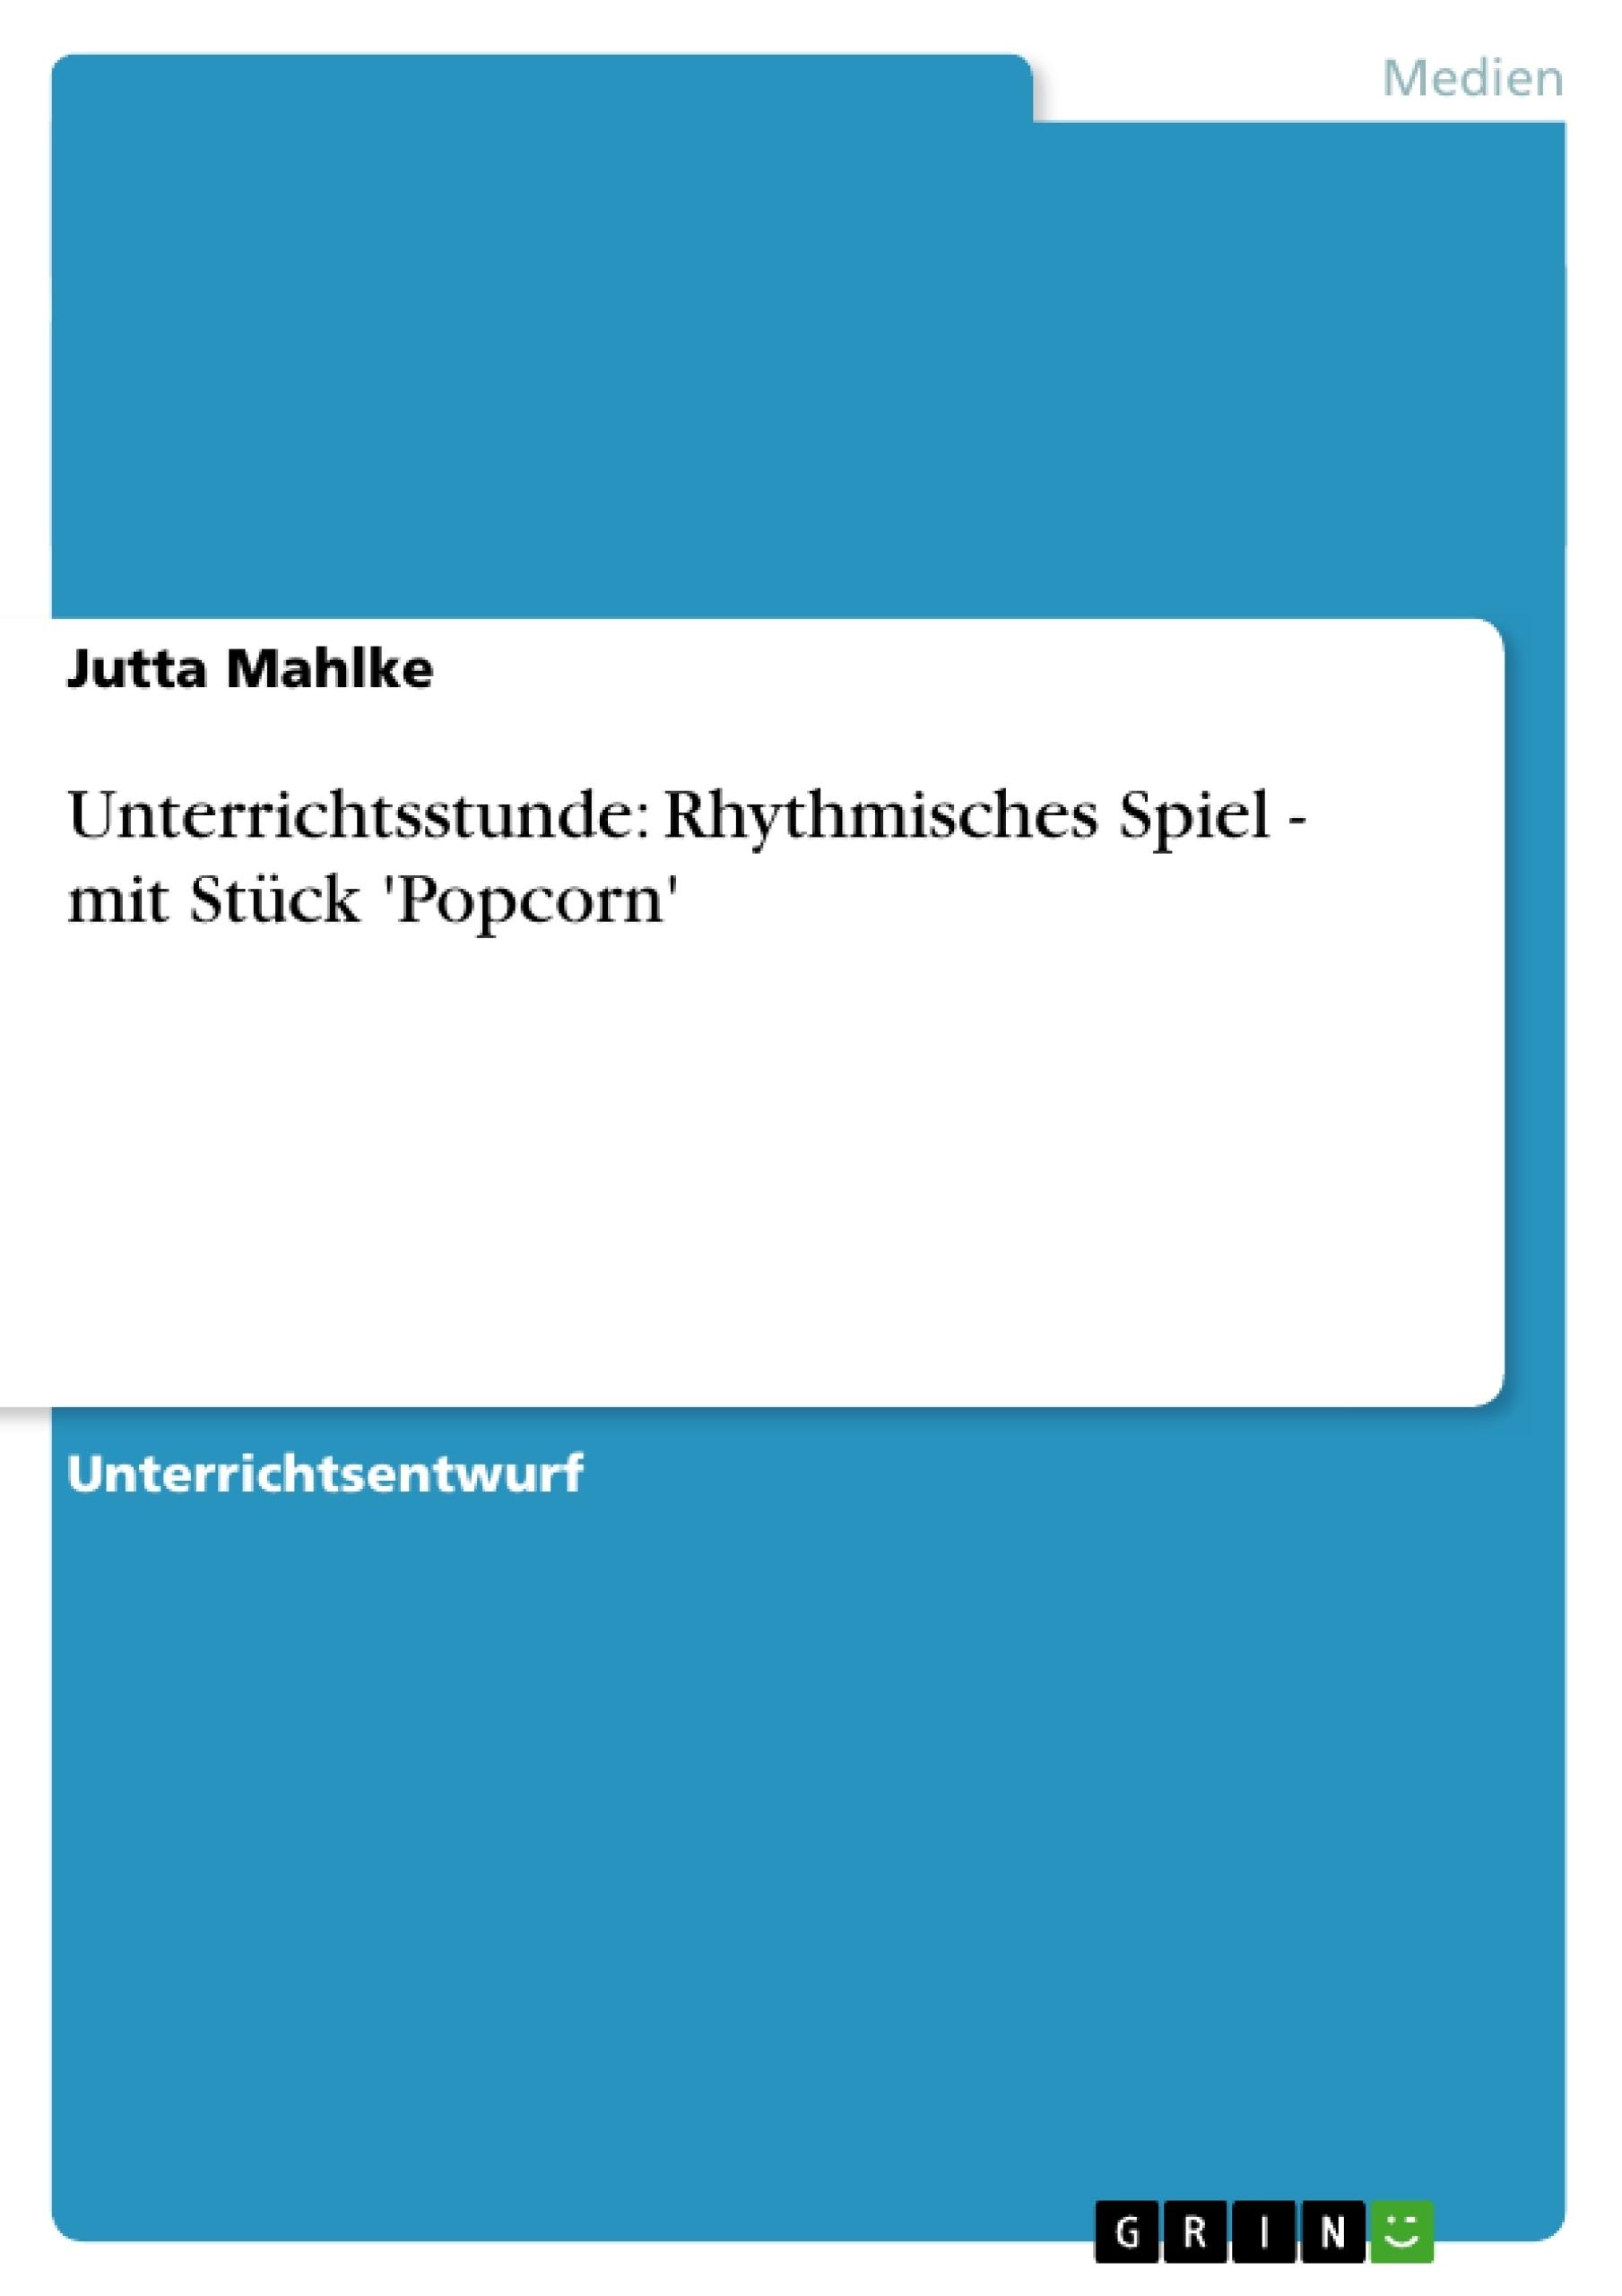 Titel: Unterrichtsstunde: Rhythmisches Spiel - mit Stück 'Popcorn'